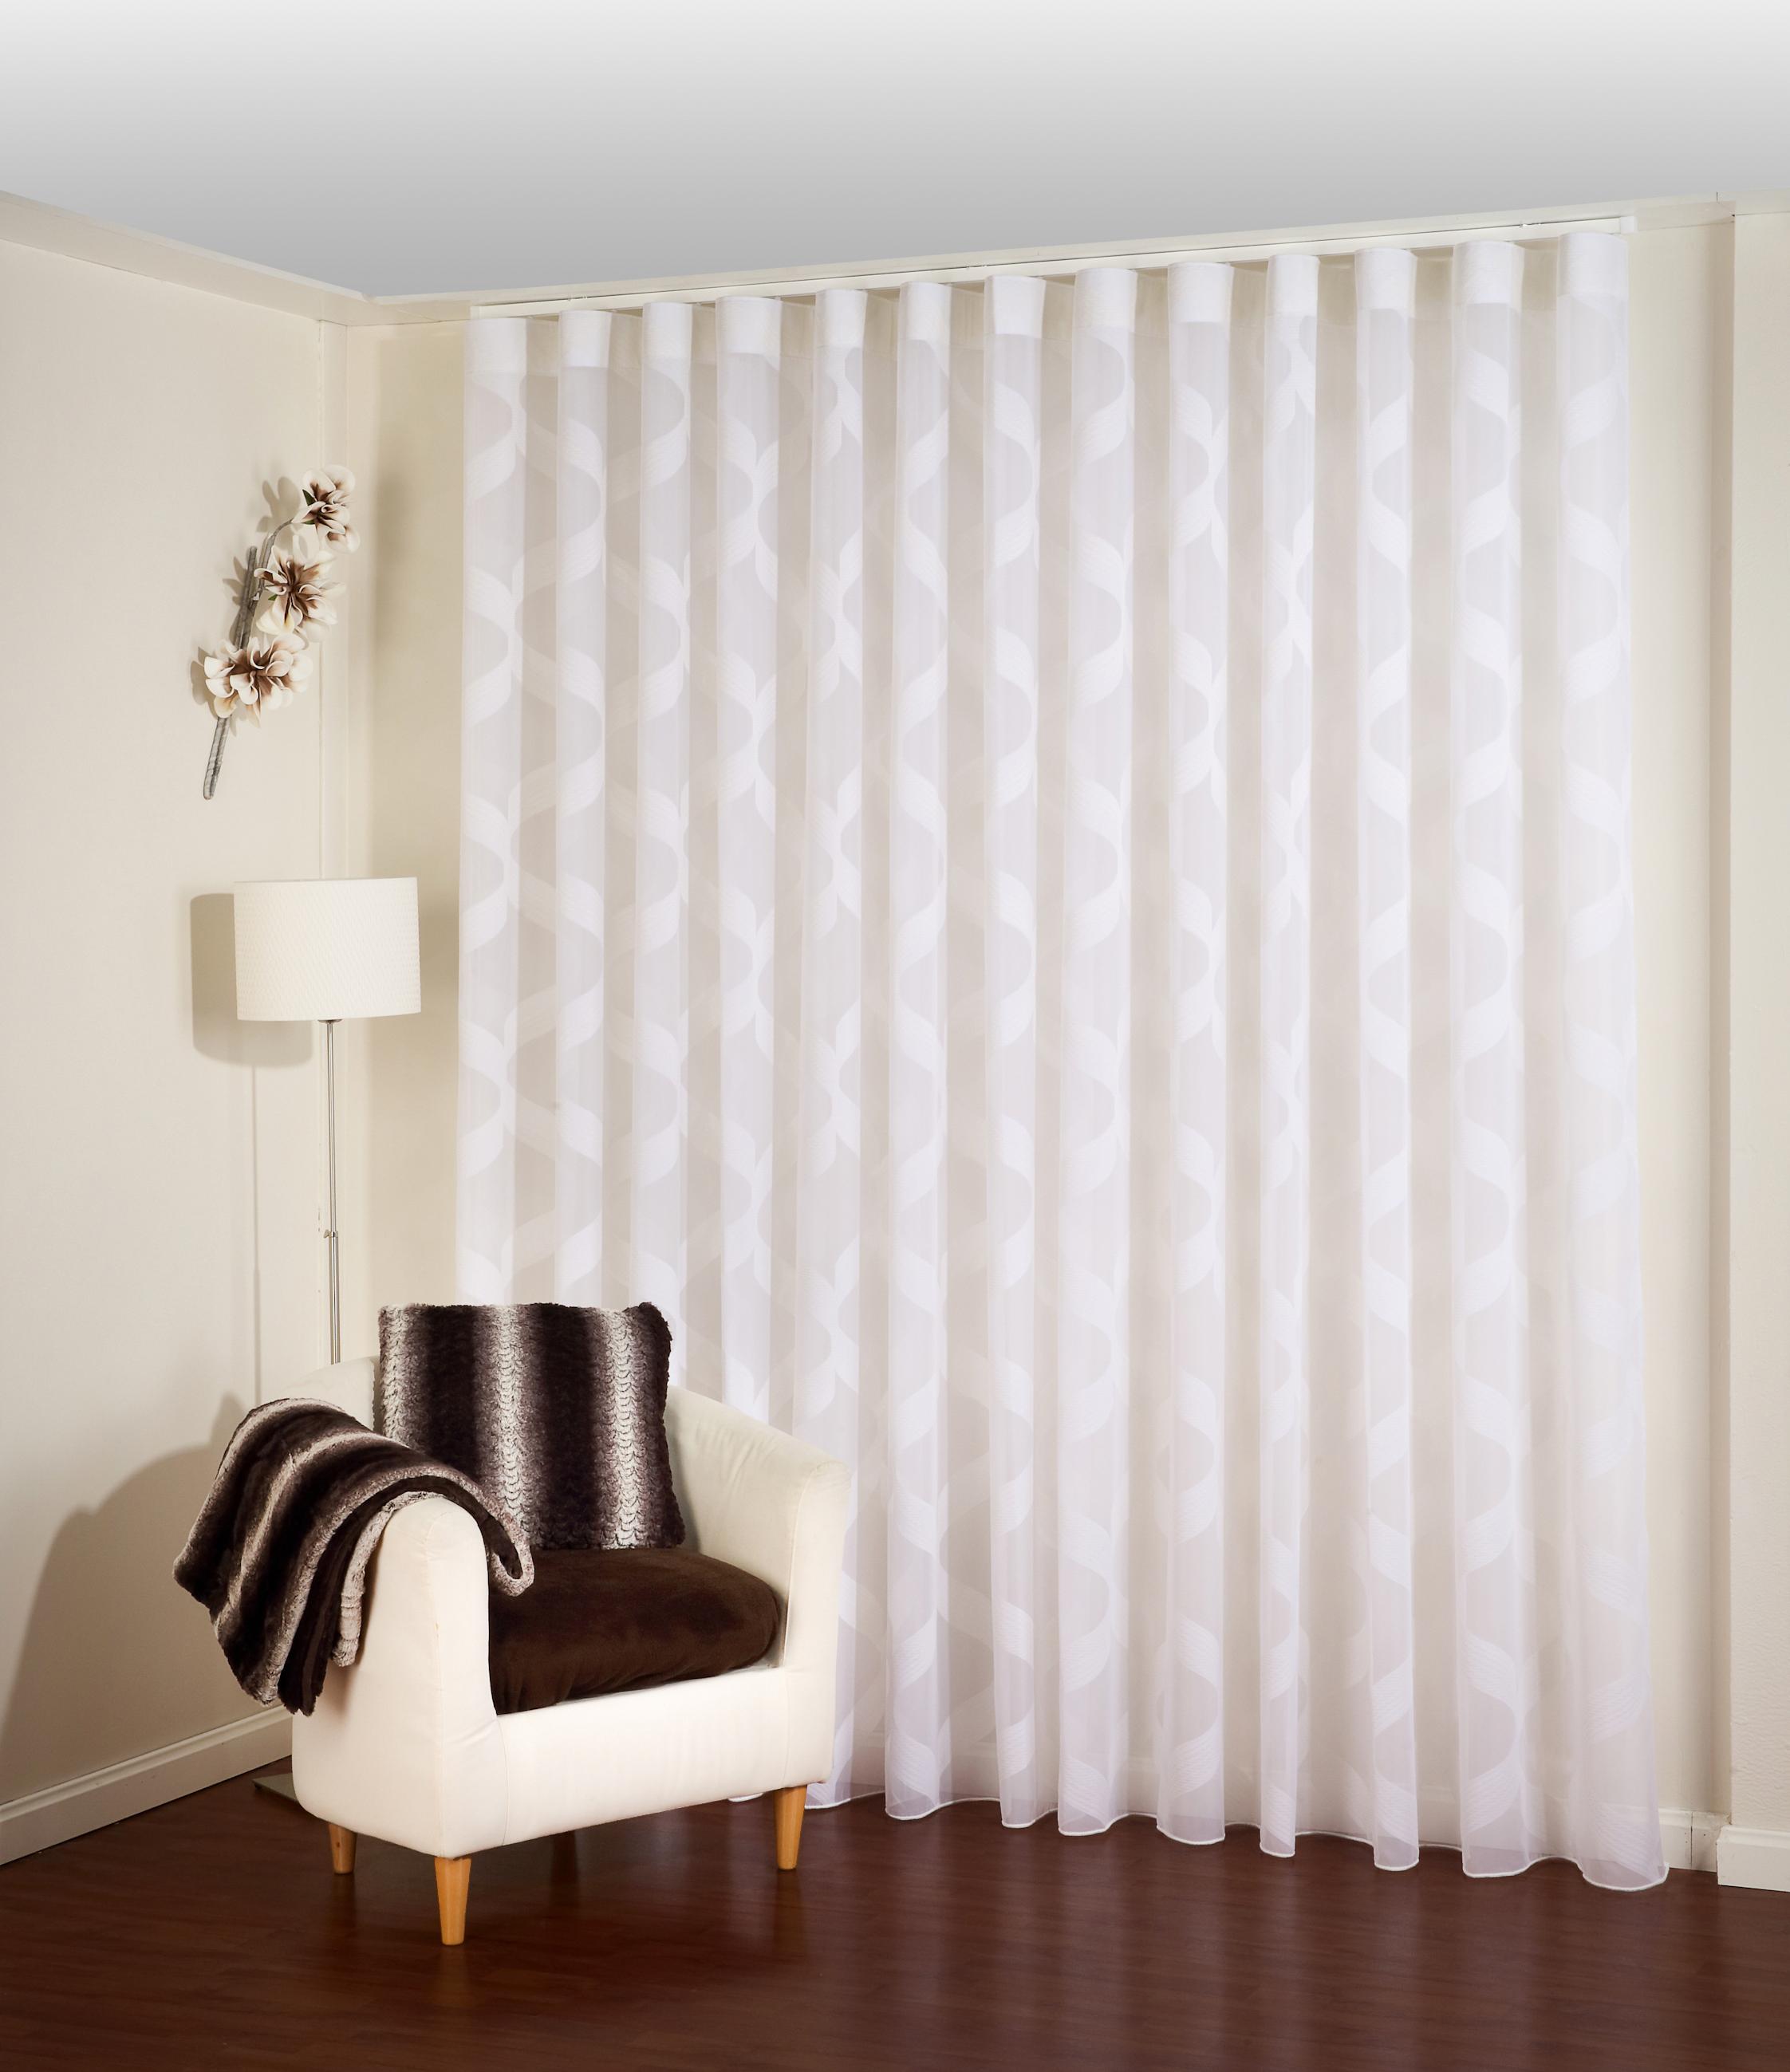 Cortinas en valladolid free cortina duette with cortinas - Cortinas valladolid ...